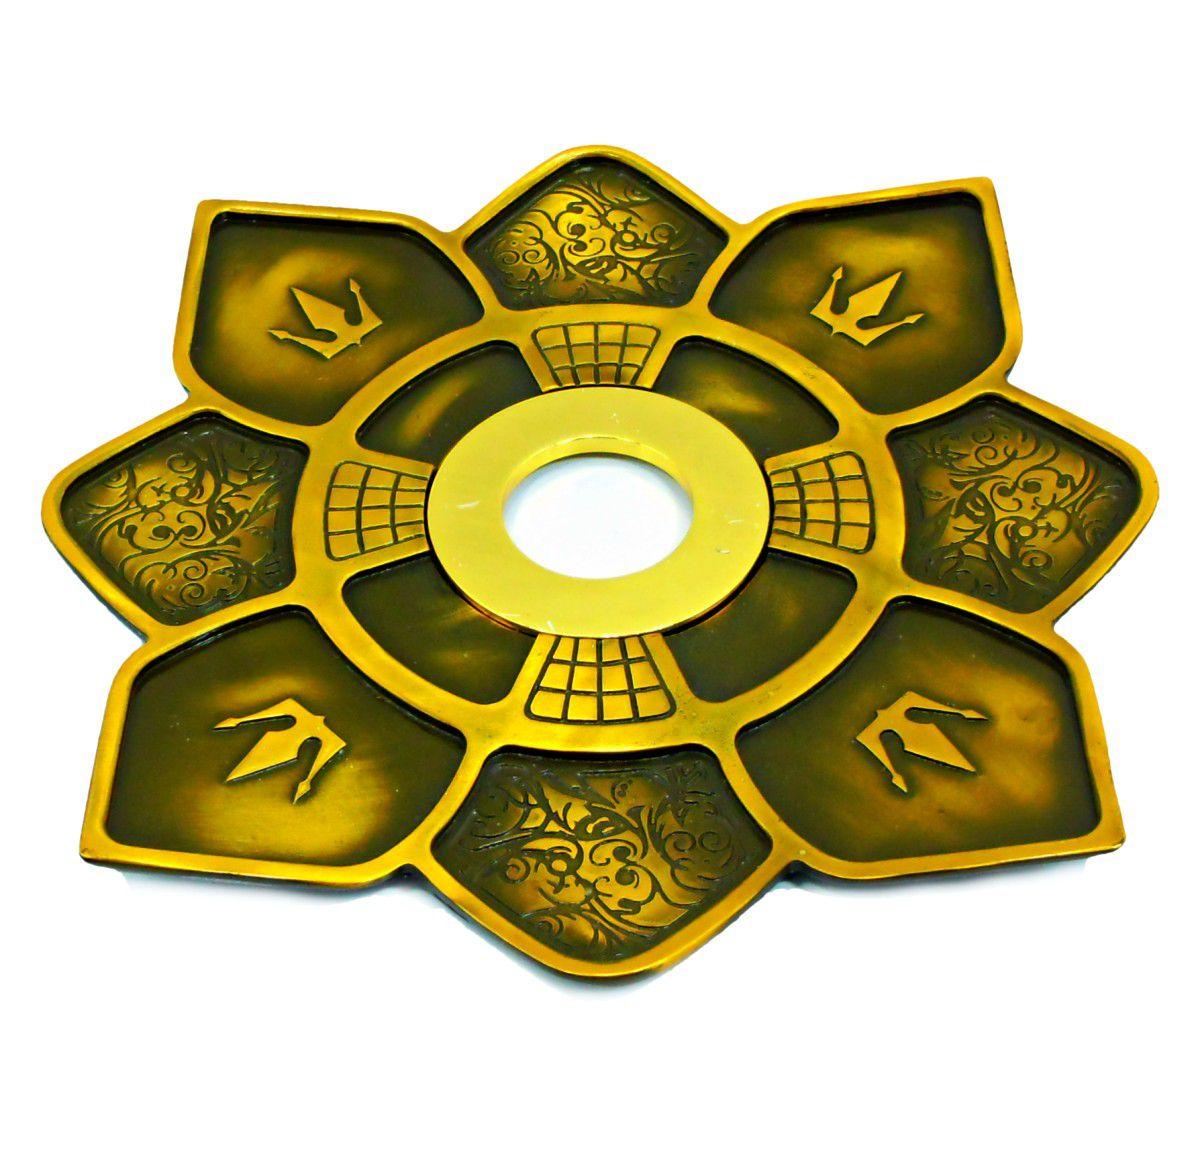 Prato para narguile IMPERIA c/pintura epóxi e centro dourado. 27cm de diâmetro, 4cm de furo.